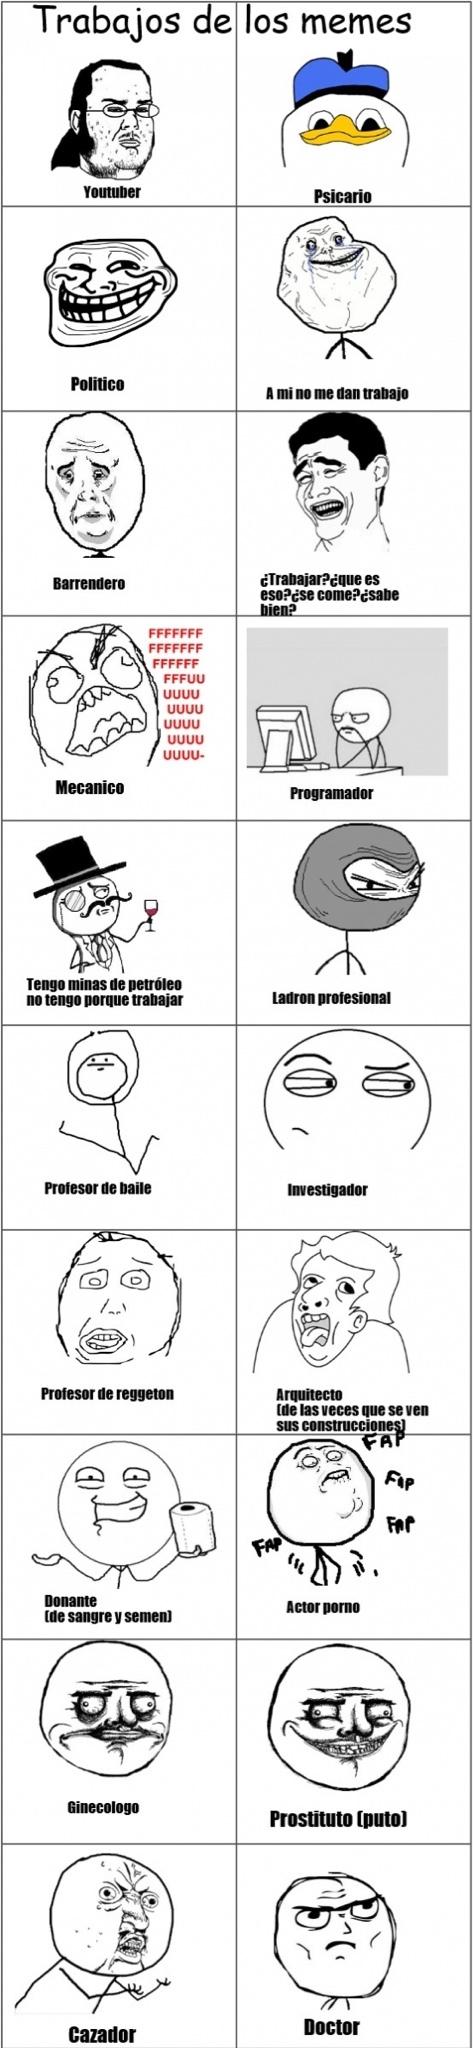 trabajos de los memes #EMG